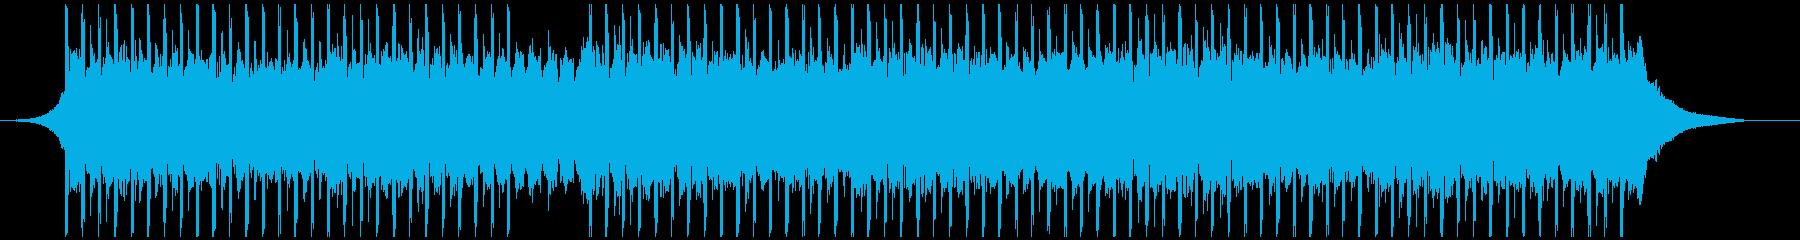 機関(ミディアム)の再生済みの波形